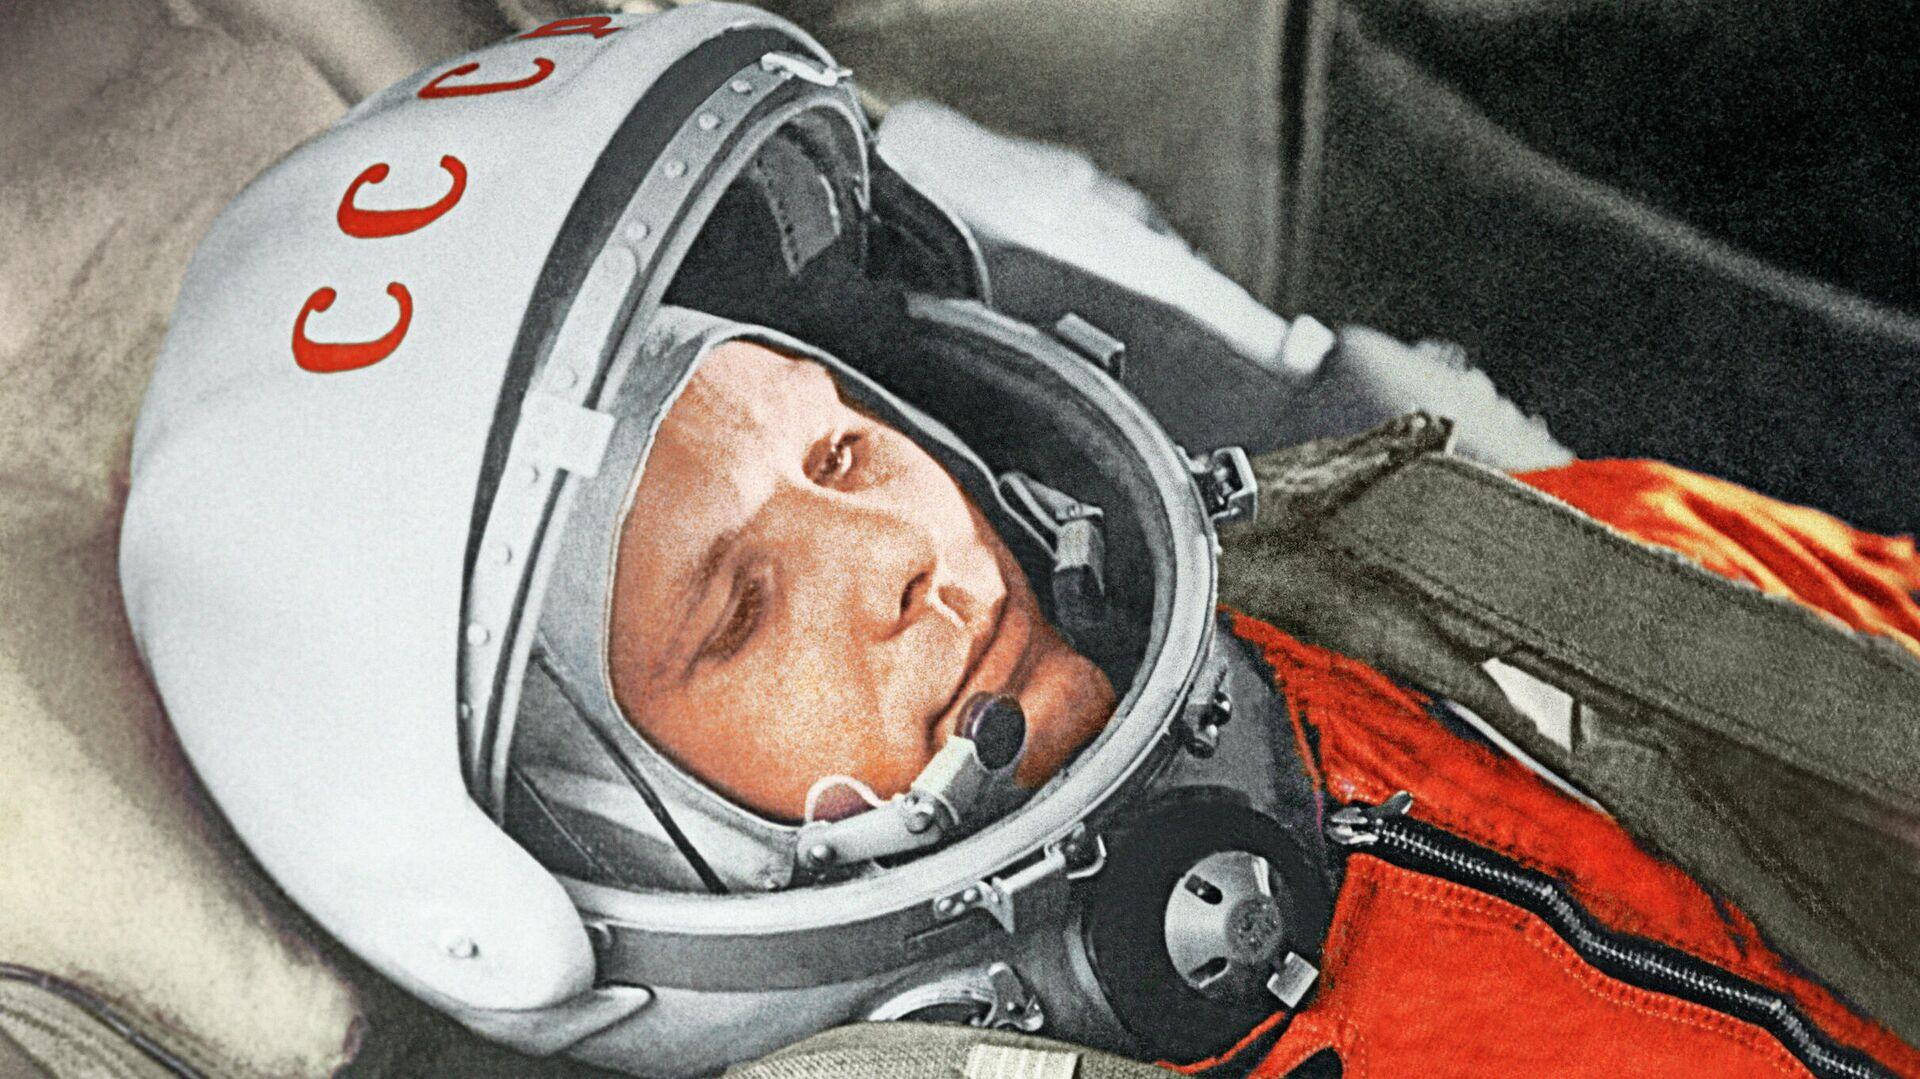 """Юрий Гагарин в кабине космического корабля """"Восток"""" во время первого в мире орбитального космического полета 12 апреля 1961 года - РИА Новости, 1920, 17.09.2020"""